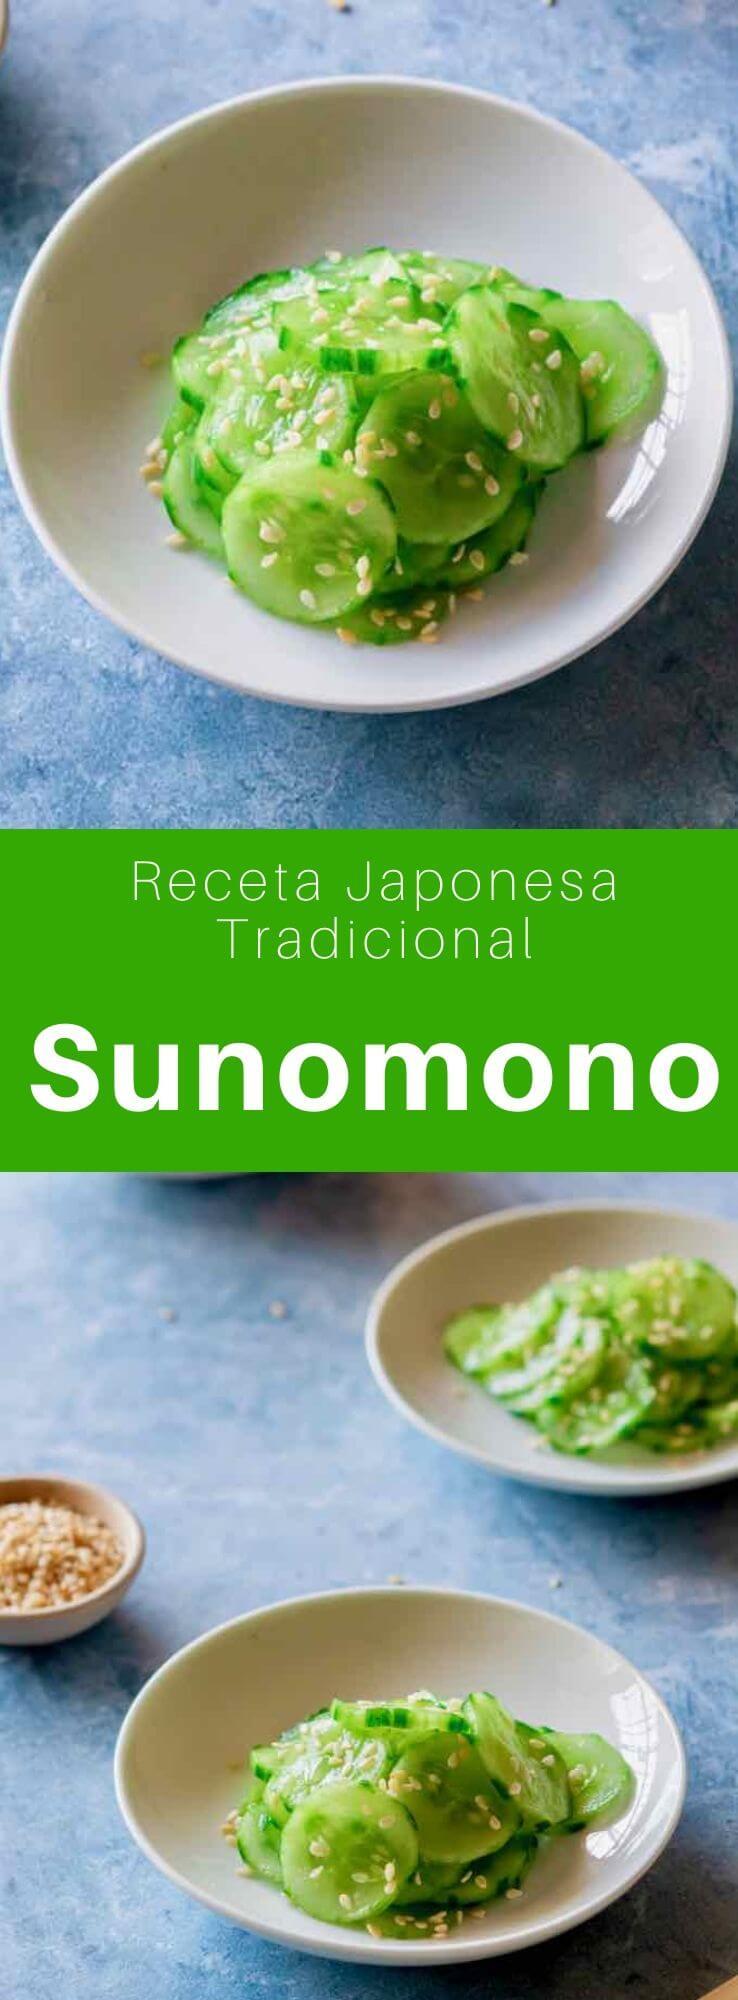 El sunomono (の 物) o kiyuri namasu es una variedad de namasu. Se trata de un platillo japonés elaborado con verduras crudas (en este caso pepino), en rodajas finas y marinadas en vinagre.